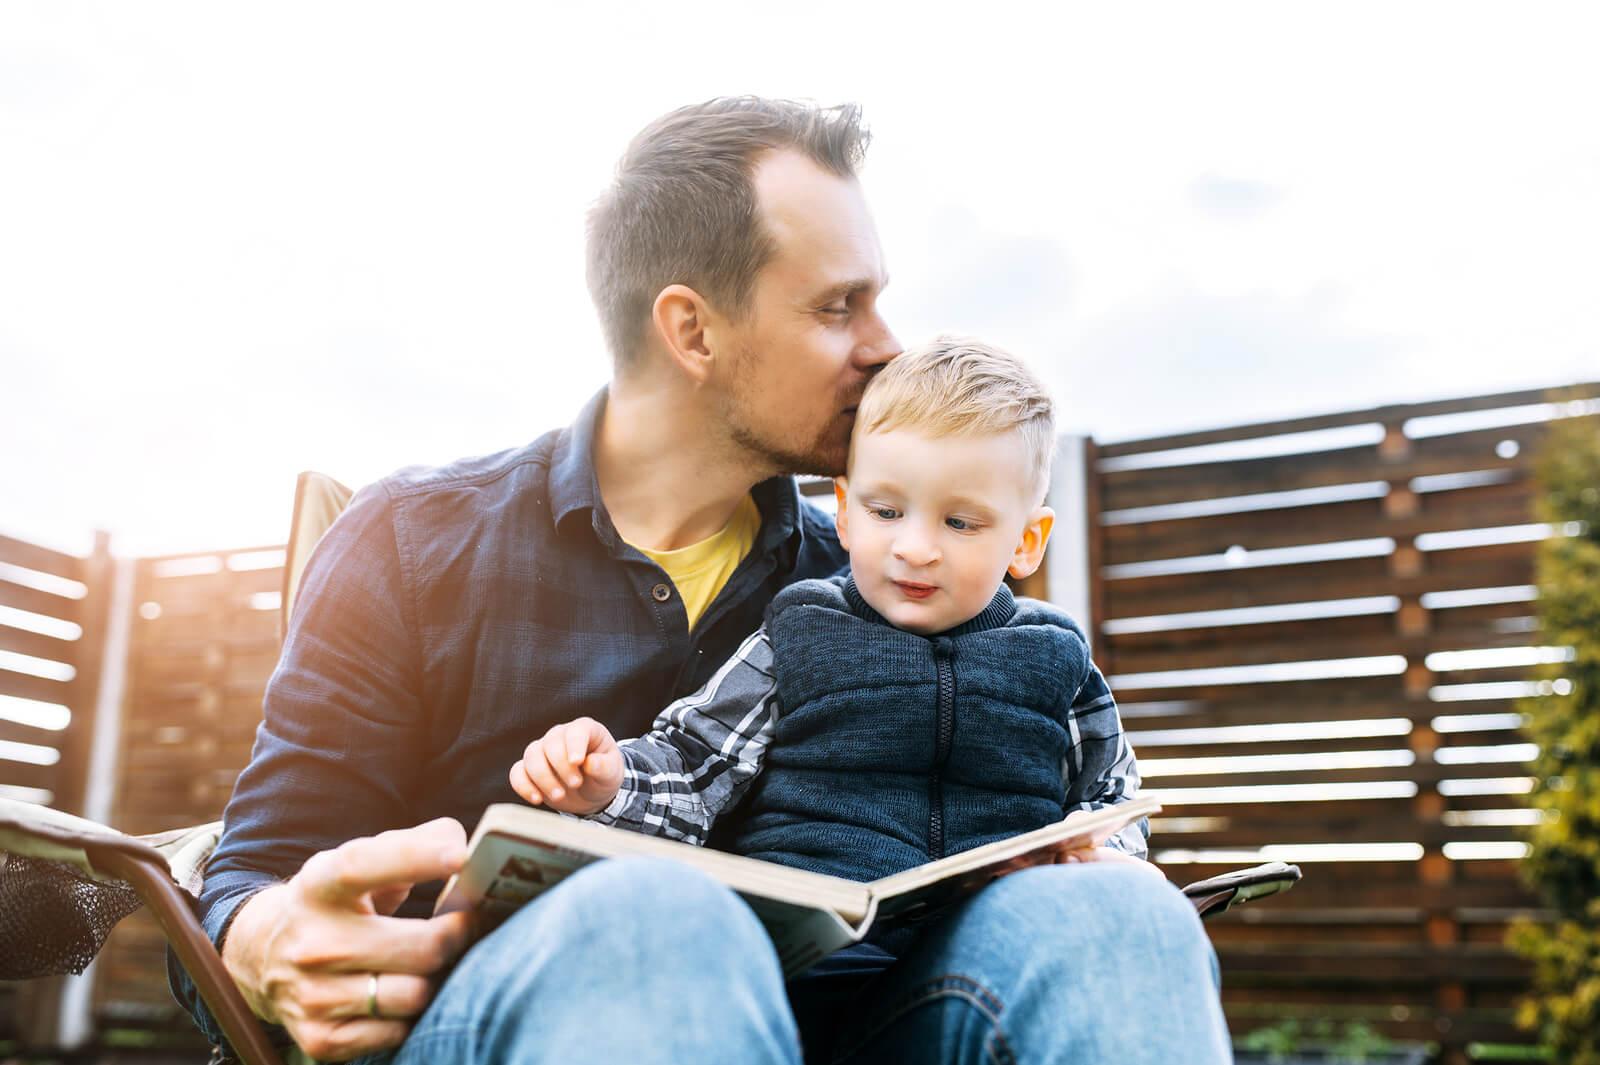 Padre dando un beso a su hijo en la cabeza mientras leen cuentos breves con valores.